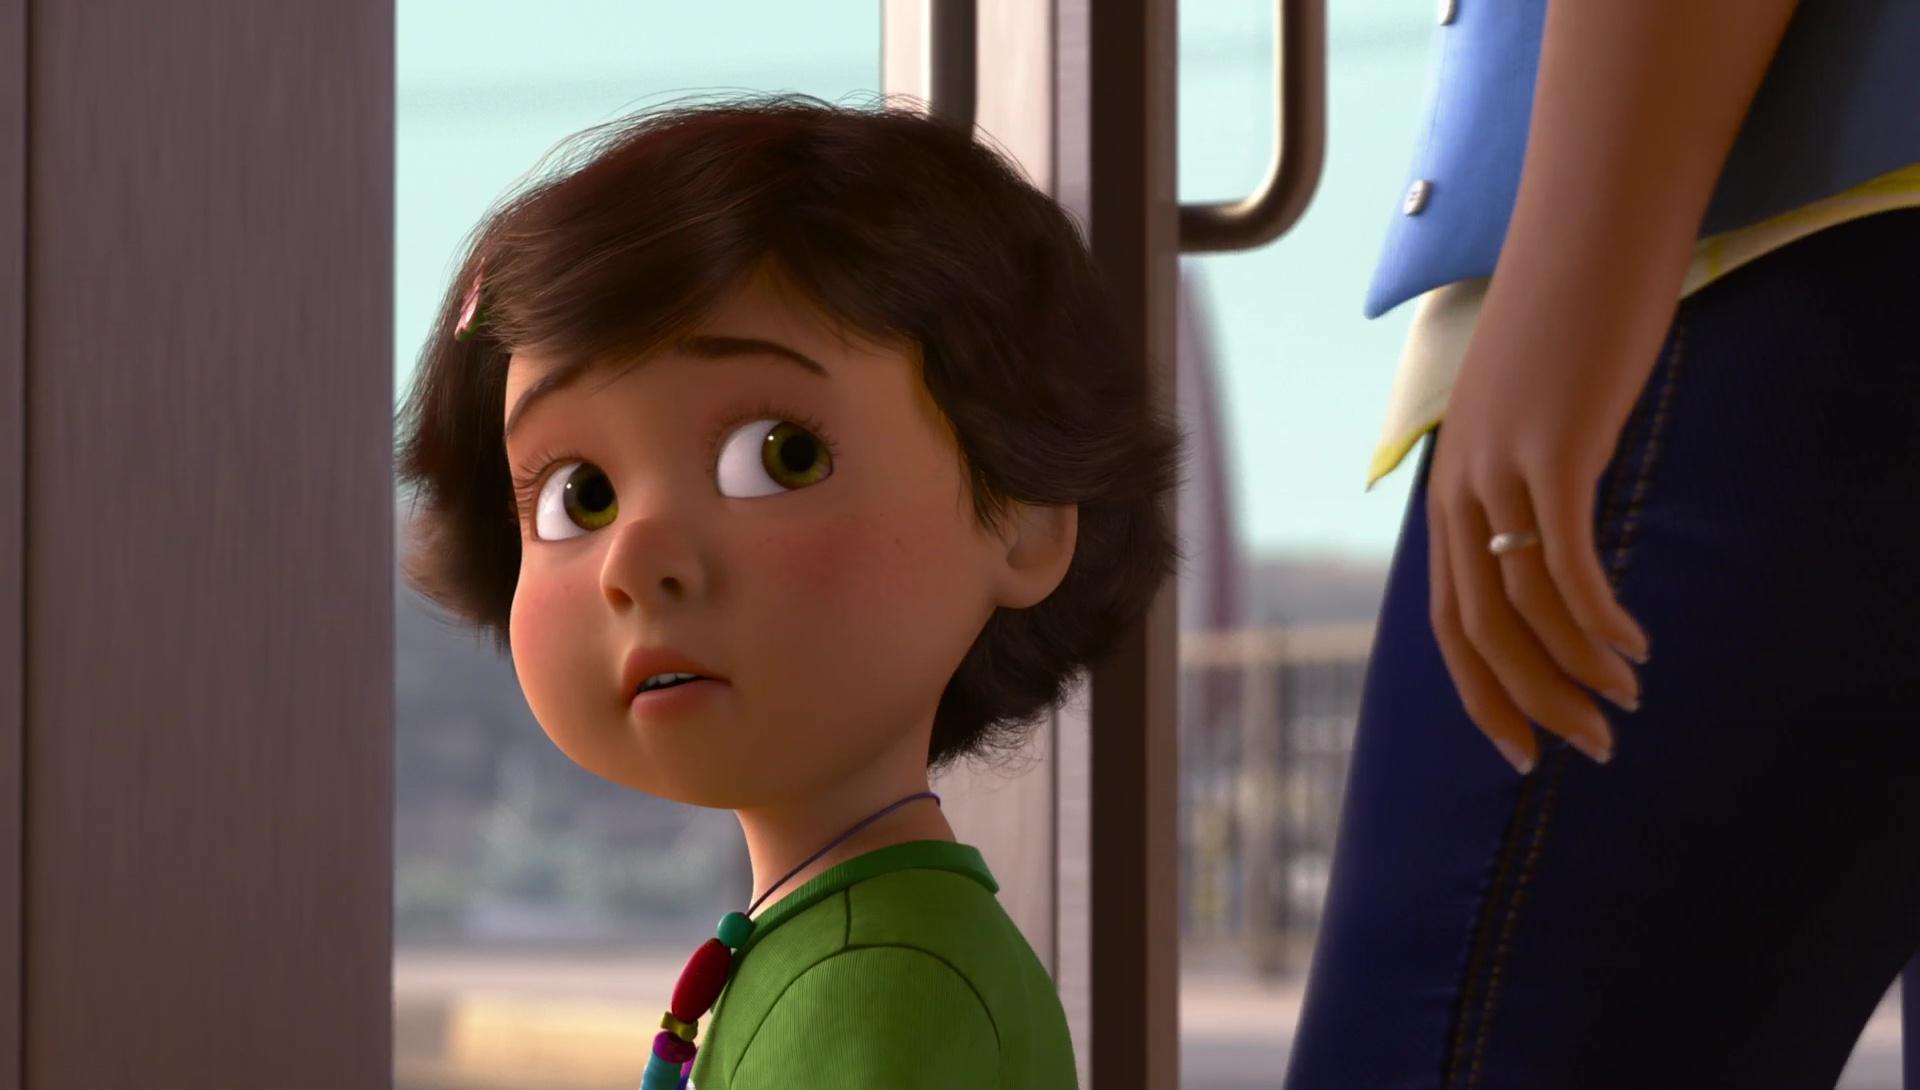 Bonnie Anderson Personnage Dans Toy Story 3 Pixar Planet Fr